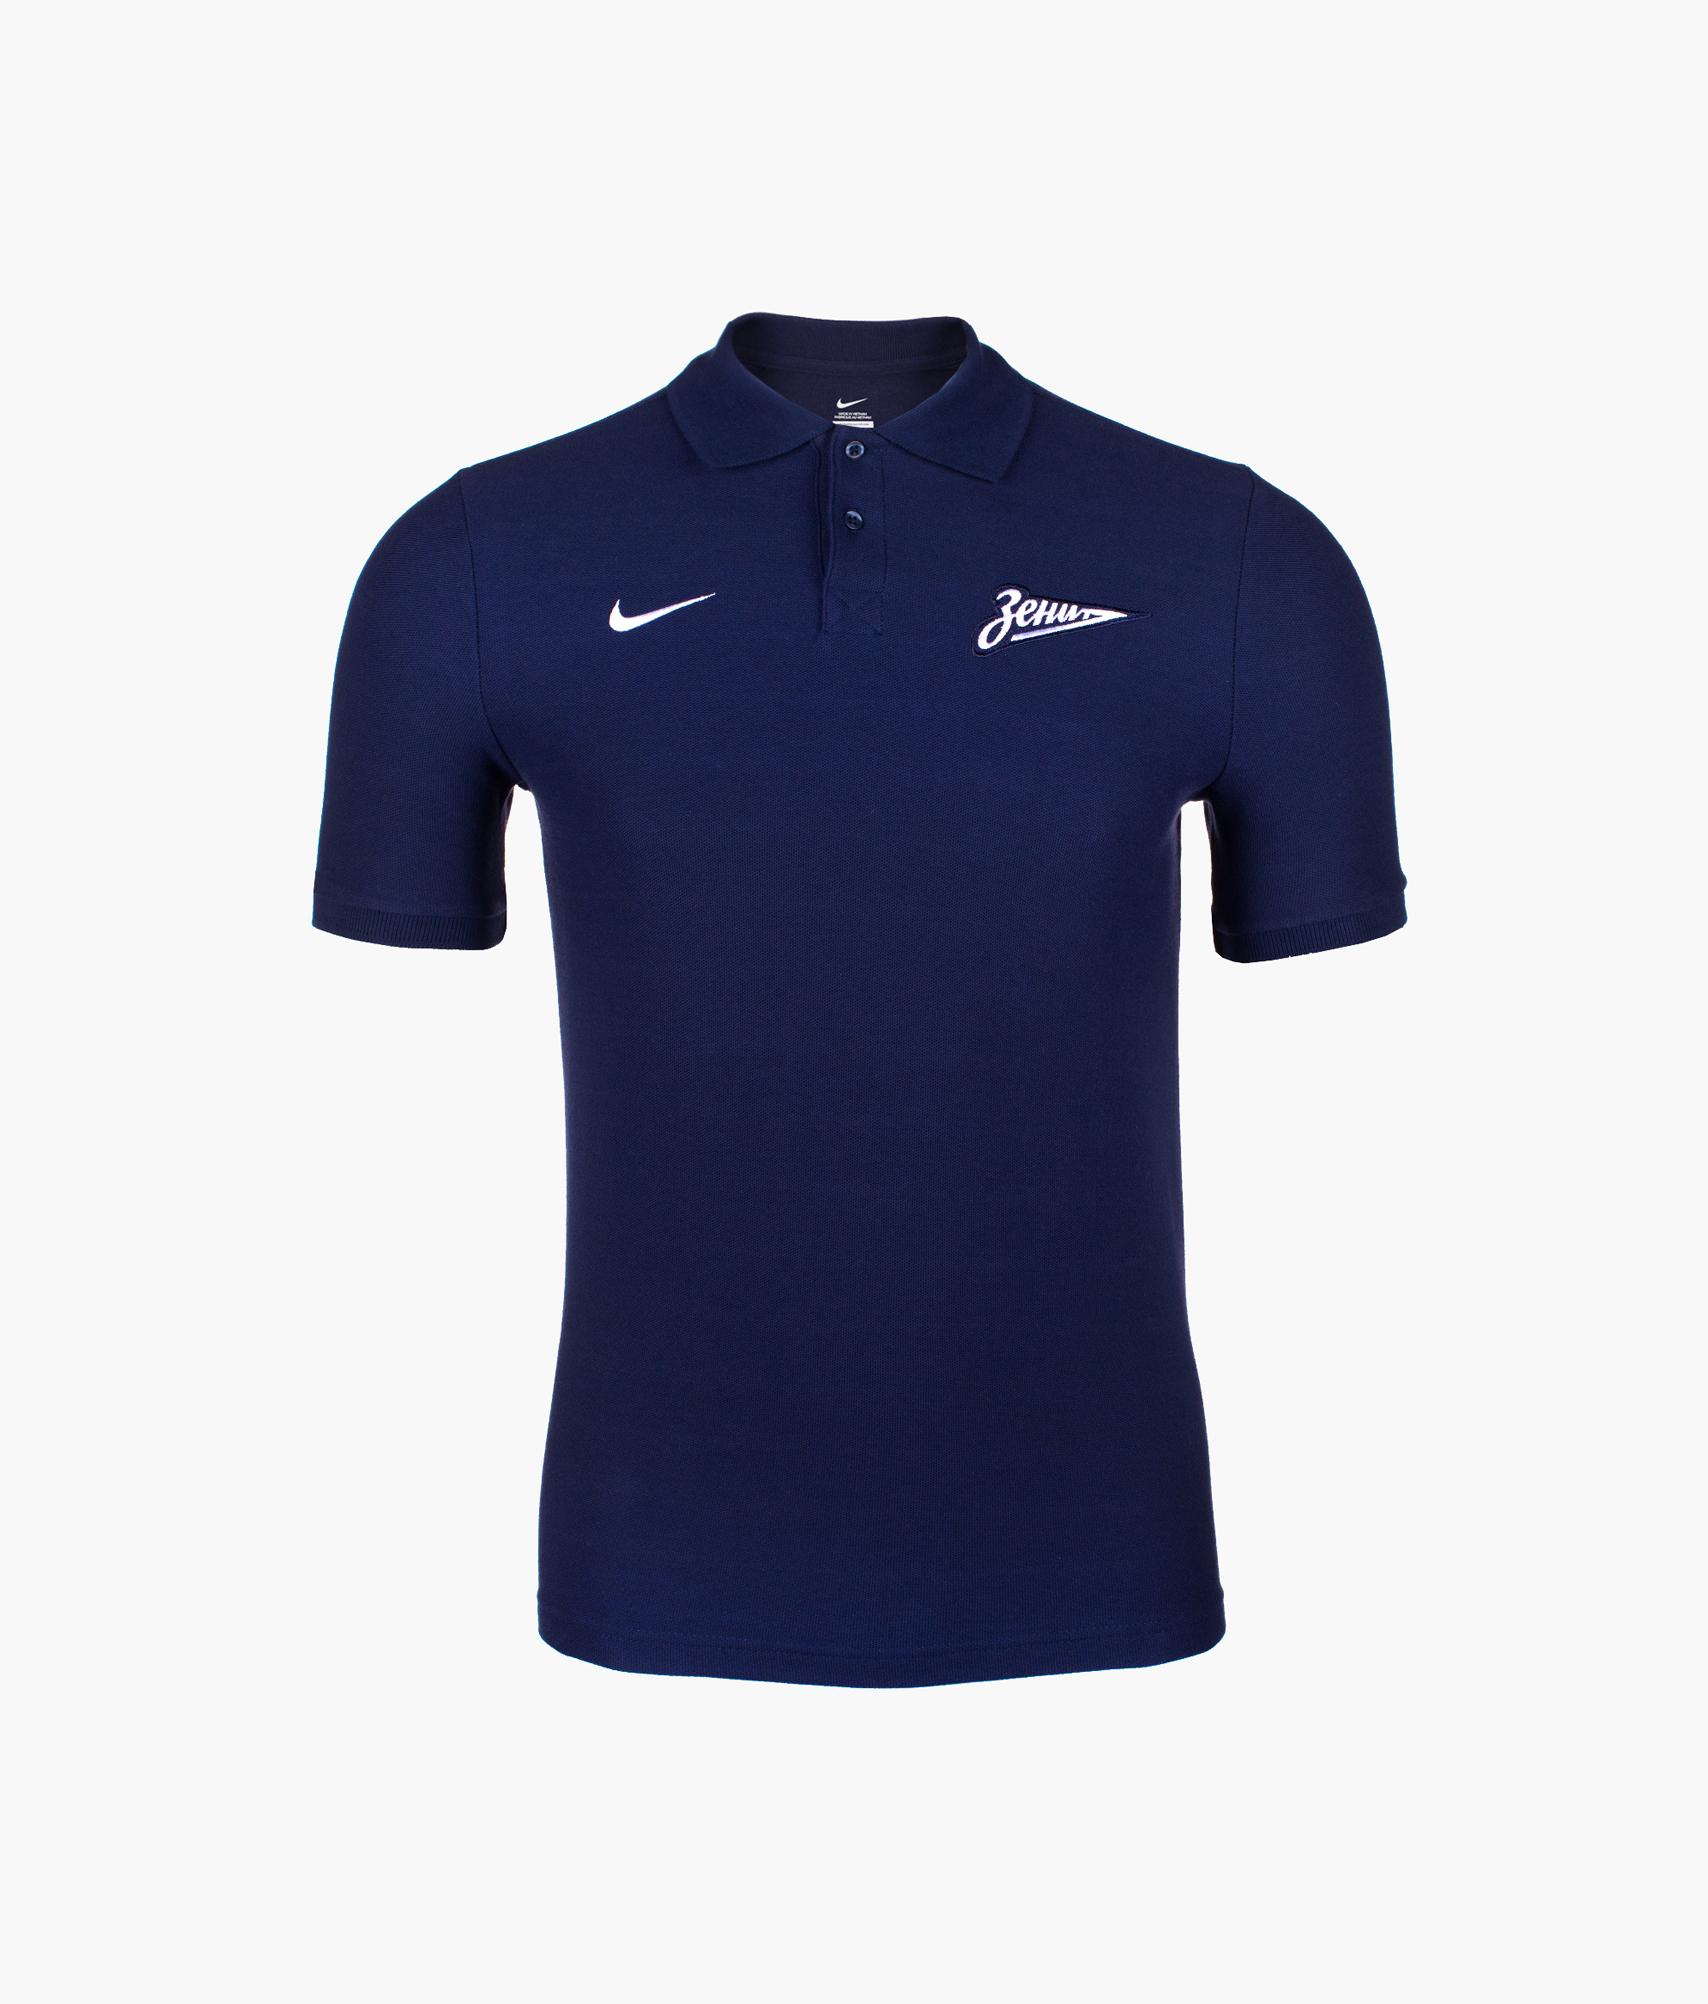 Поло подростковое Nike Nike Цвет-Темно-синий цены онлайн